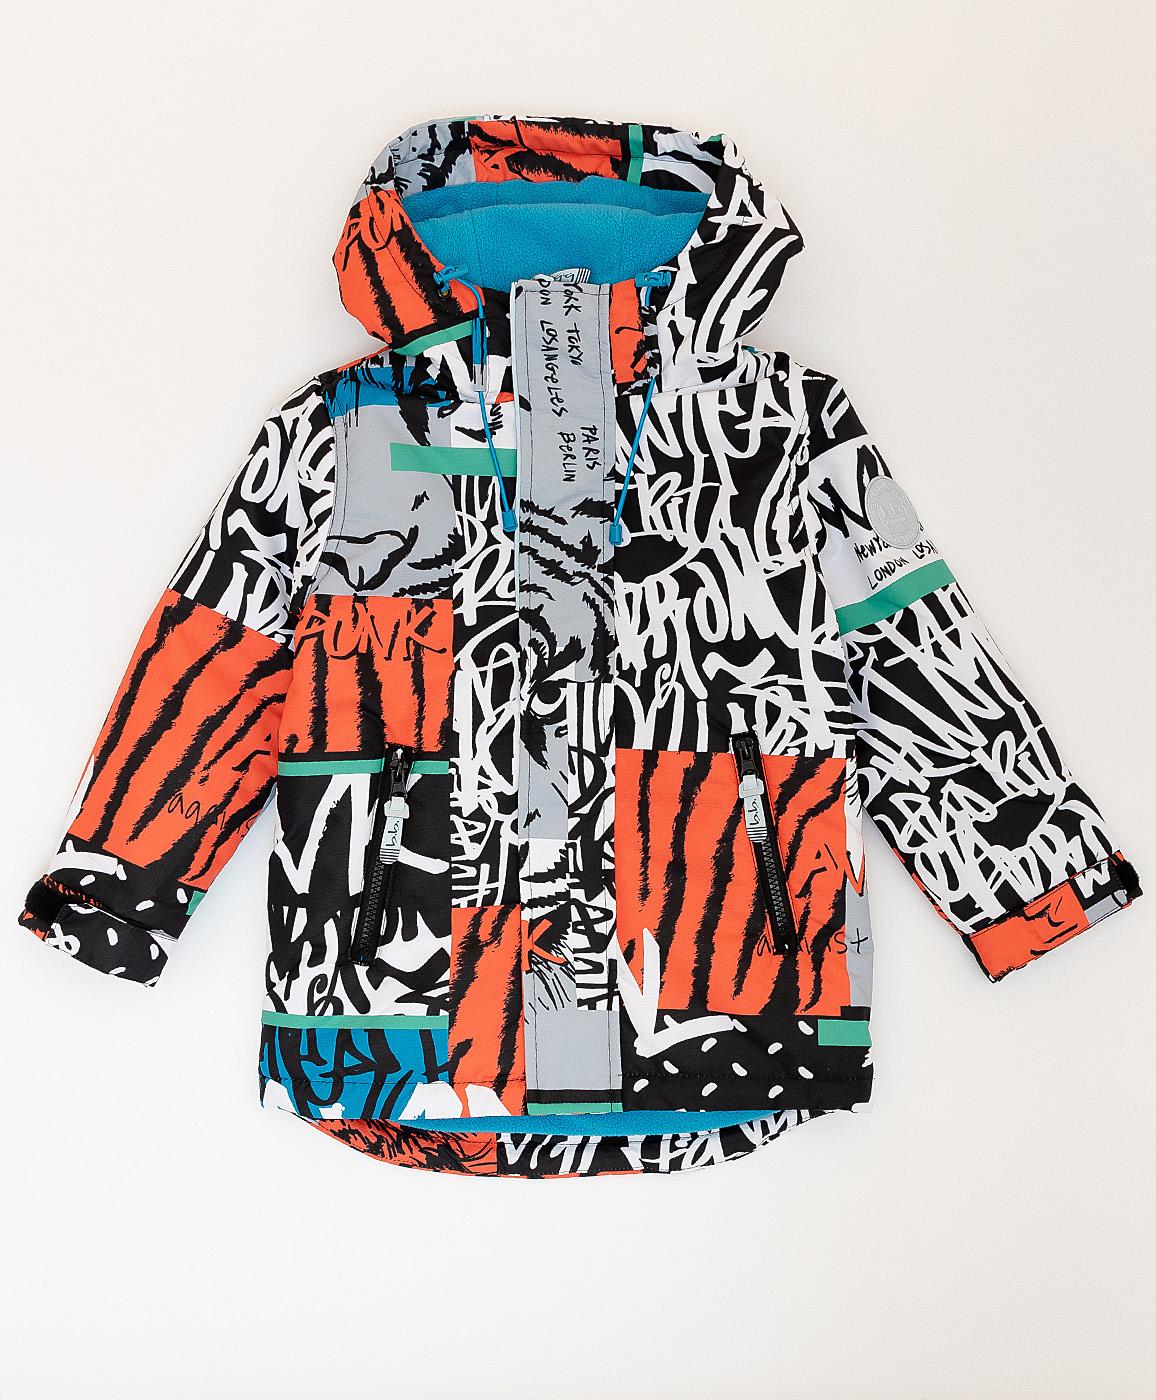 Купить 120BBBA45010013, Демисезонная куртка Active для мальчика Button Blue, серый, 128, Мужской, ВЕСНА/ЛЕТО 2020 (shop: GulliverMarket Gulliver Market)